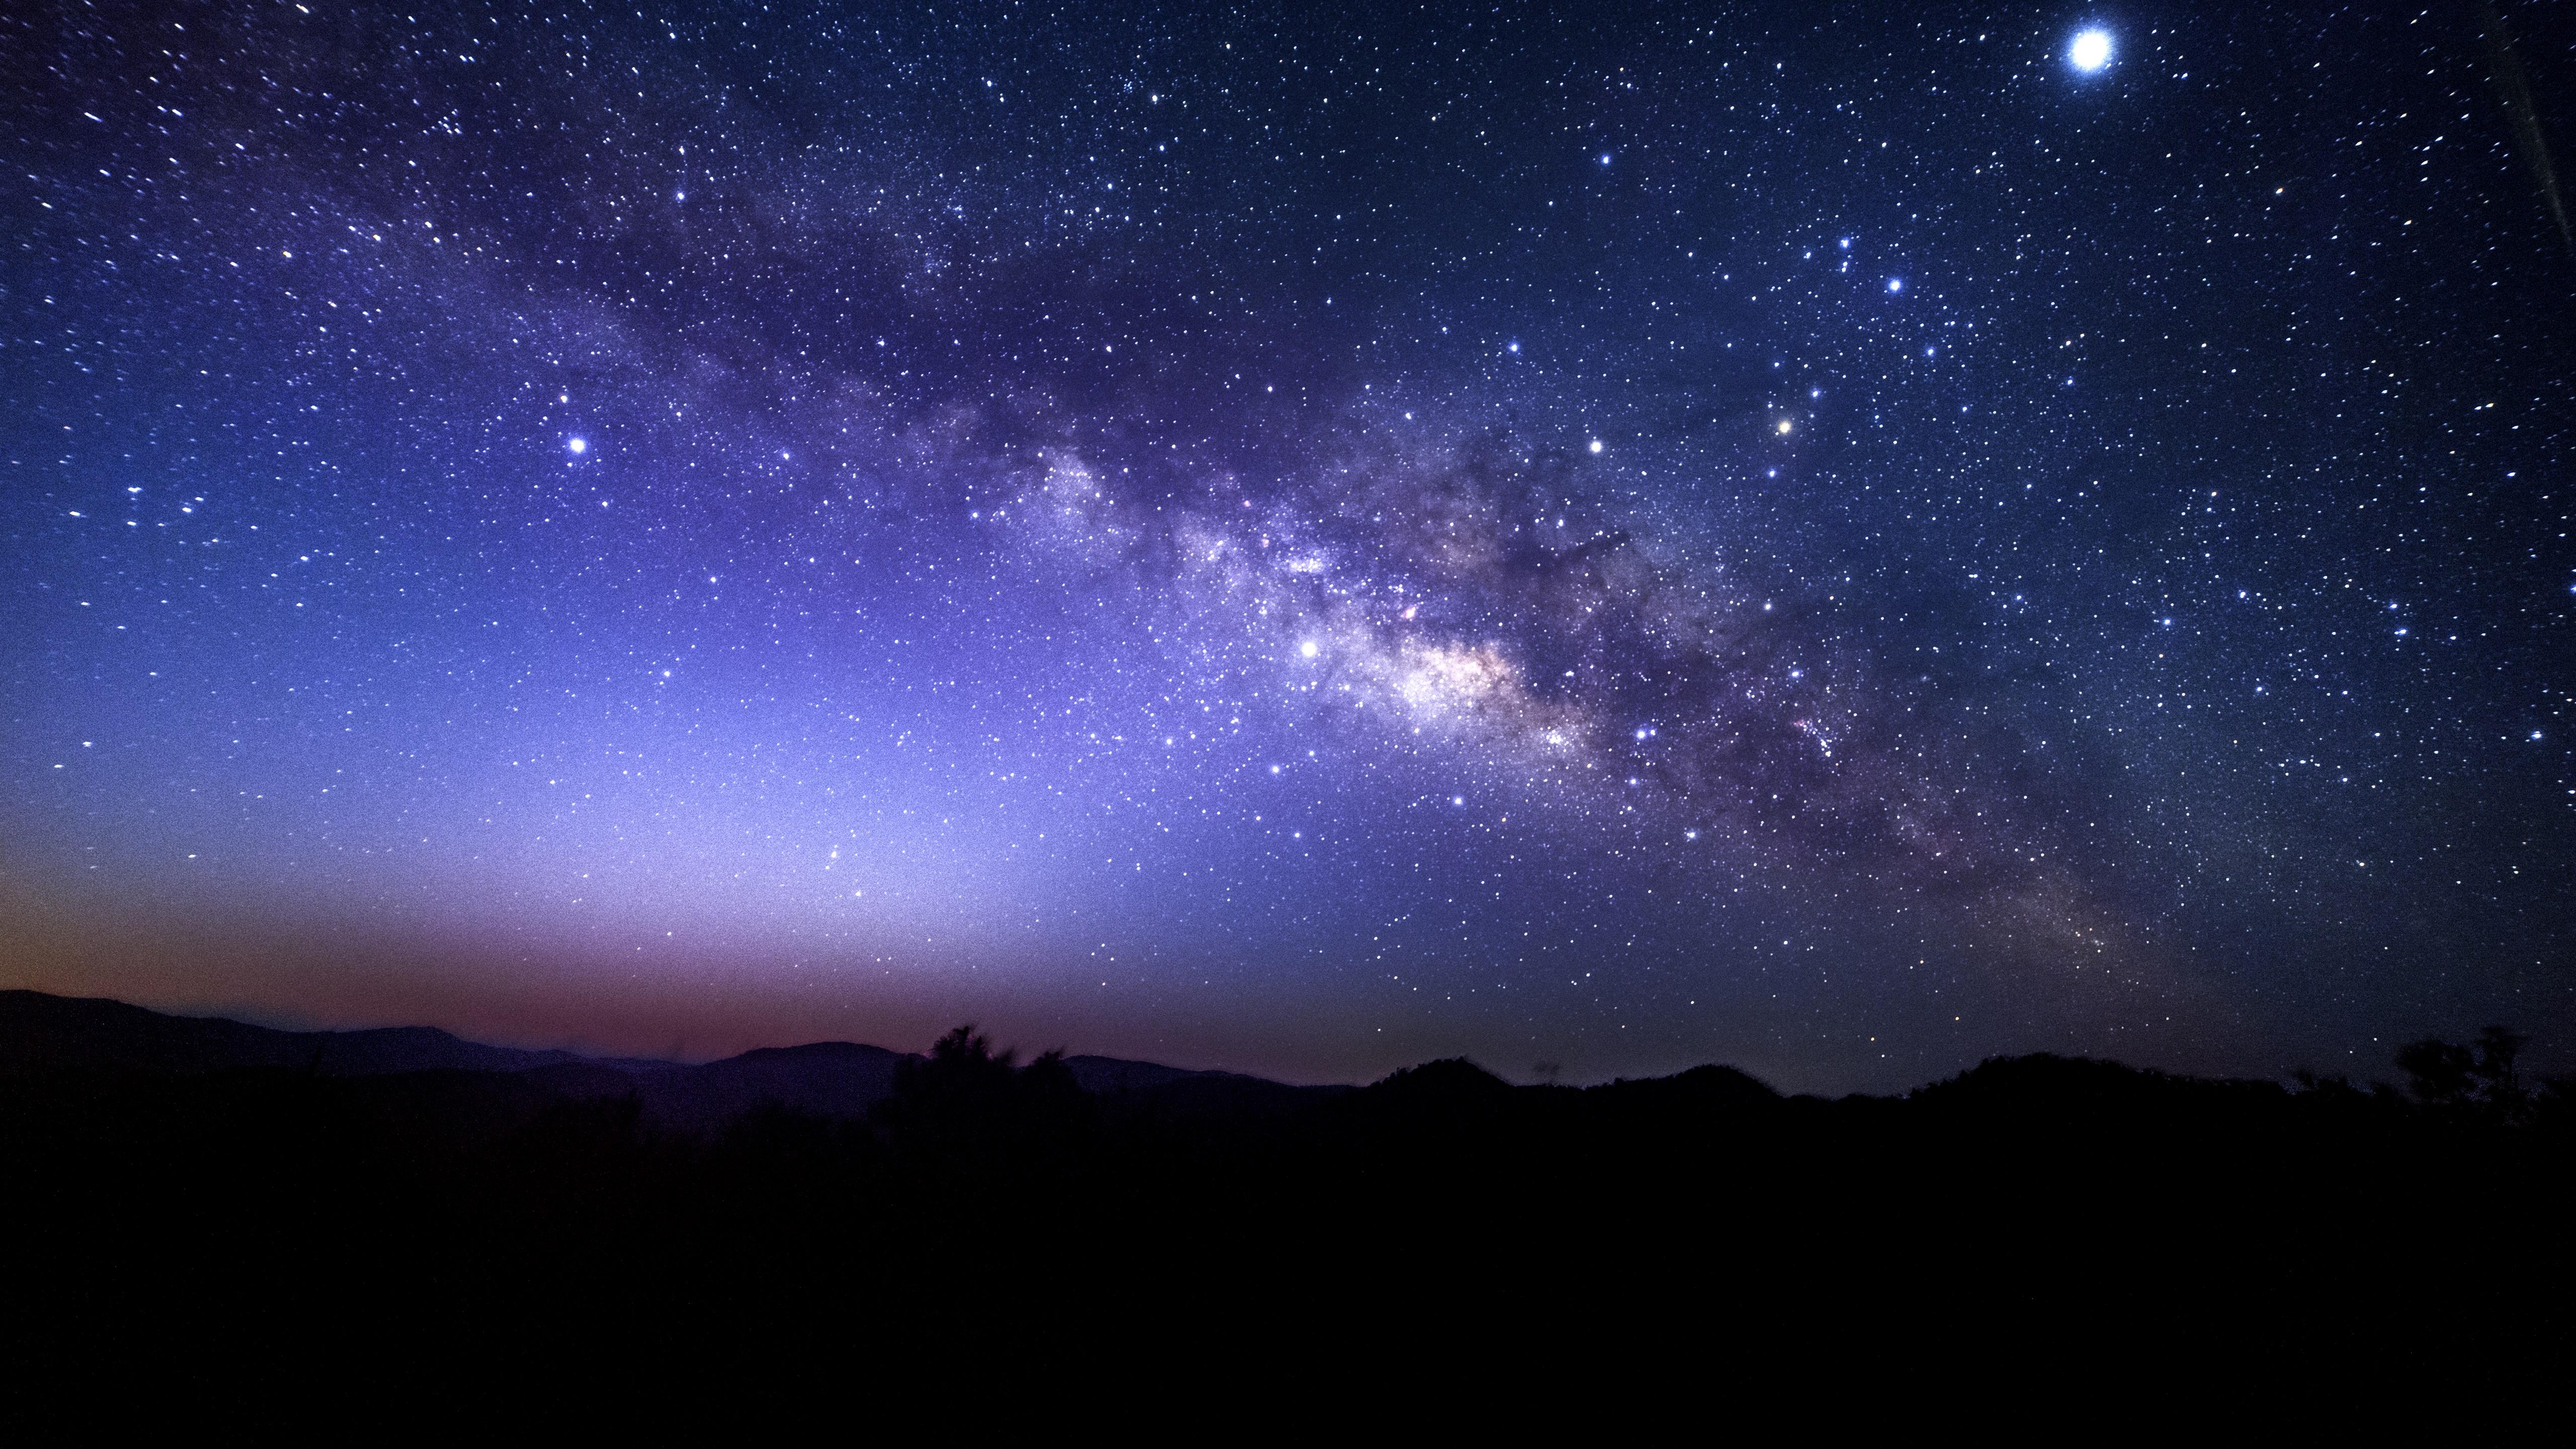 Hd Wallpapers Girls 1366x768 Fondos De Pantalla Estrellado Cielo Estrellas Noche